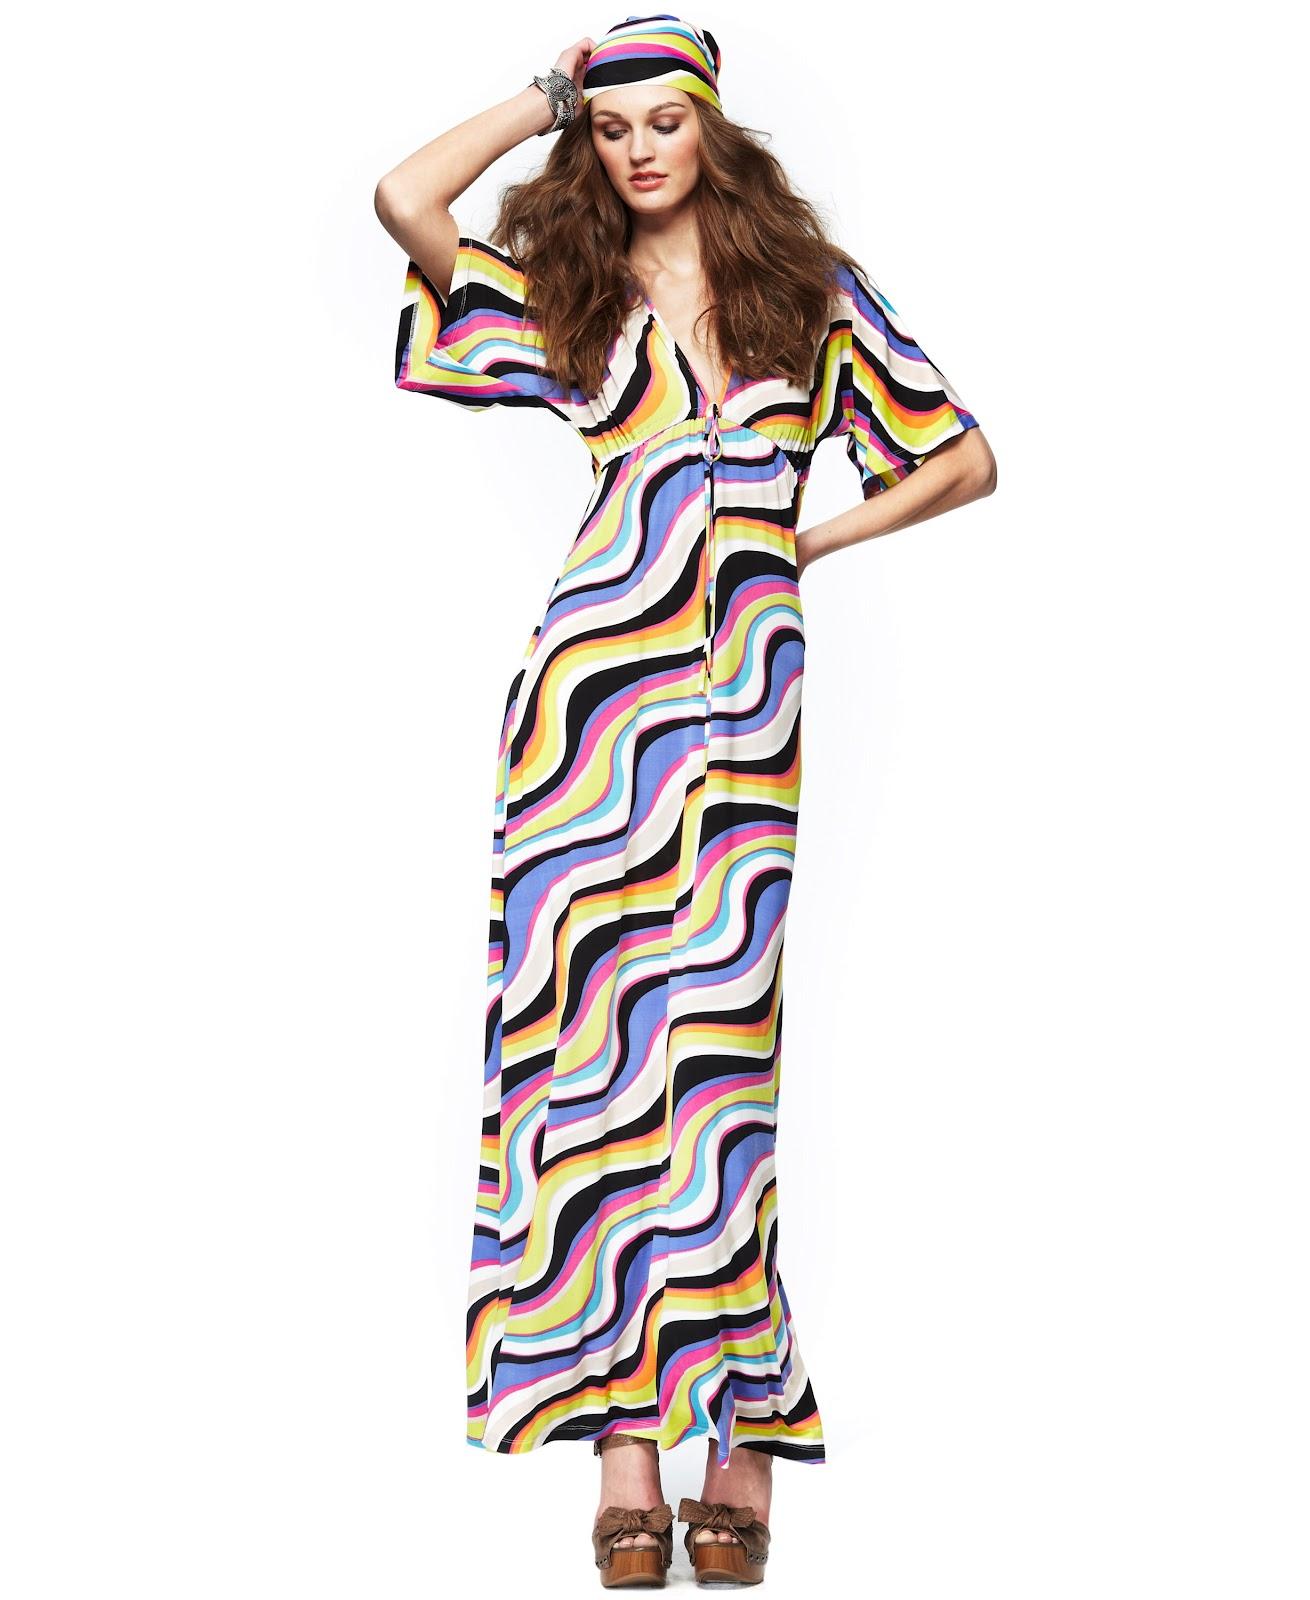 http://3.bp.blogspot.com/-gVboy4I1Rmg/T2Cg6am8nNI/AAAAAAAAF9A/oErGIfFTr9c/s1600/Fashion+Star+Exclusively+at+Macy\'s+Kimono-Sleeve+Maxi+Caftan+Dress+$89.jpg